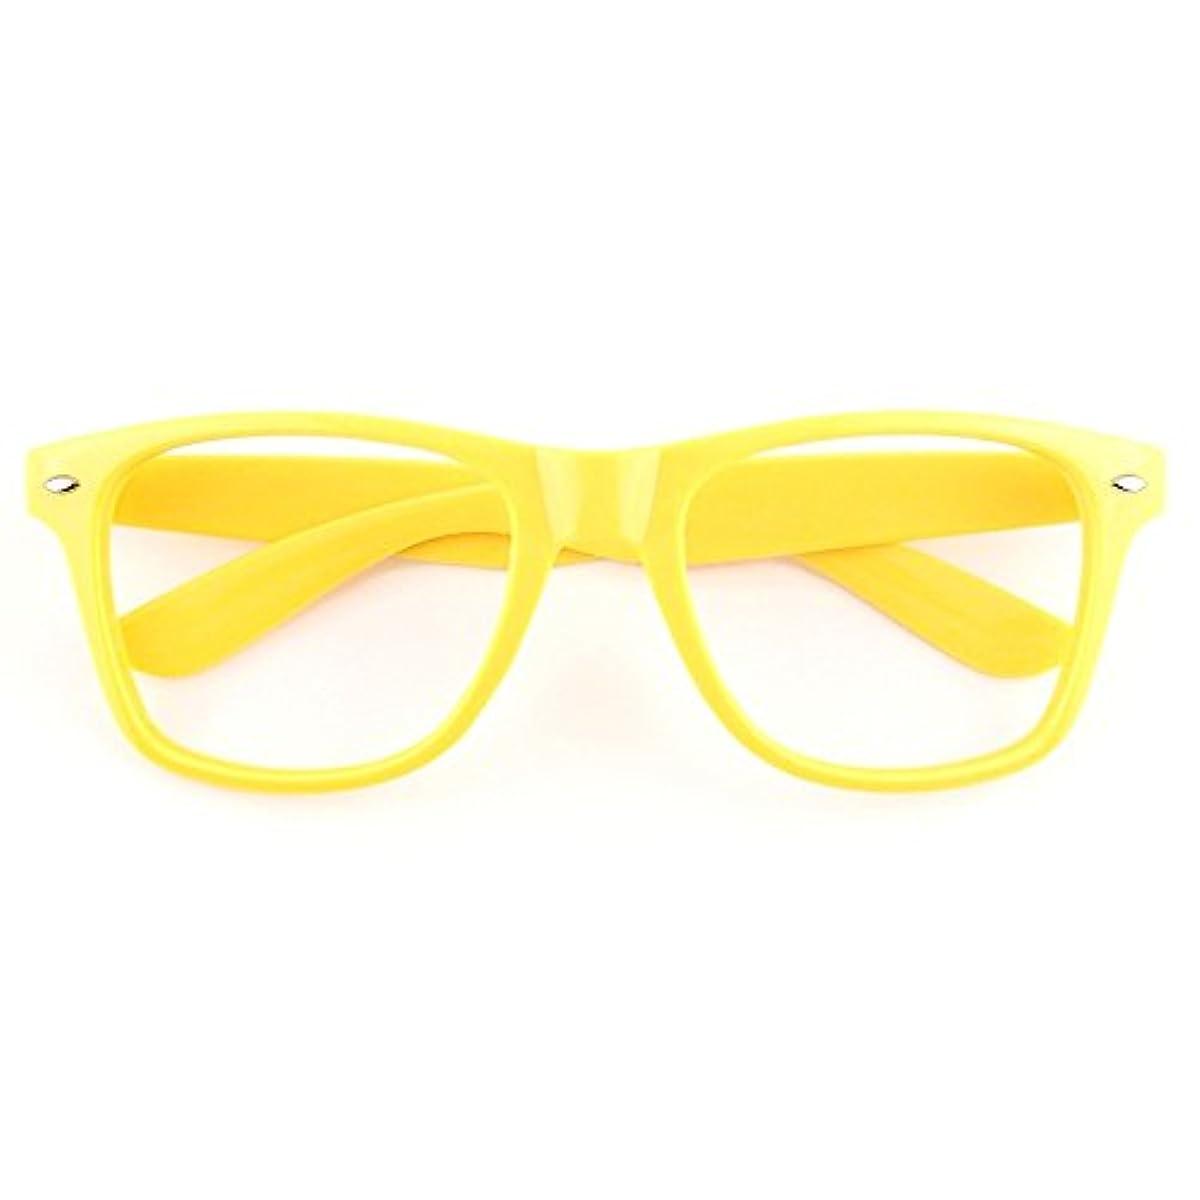 [해외] 【FUTURE CRUISE】 웰링톤 컬러 다테 안경 렌즈 없음 맨즈 레이디스 겸용